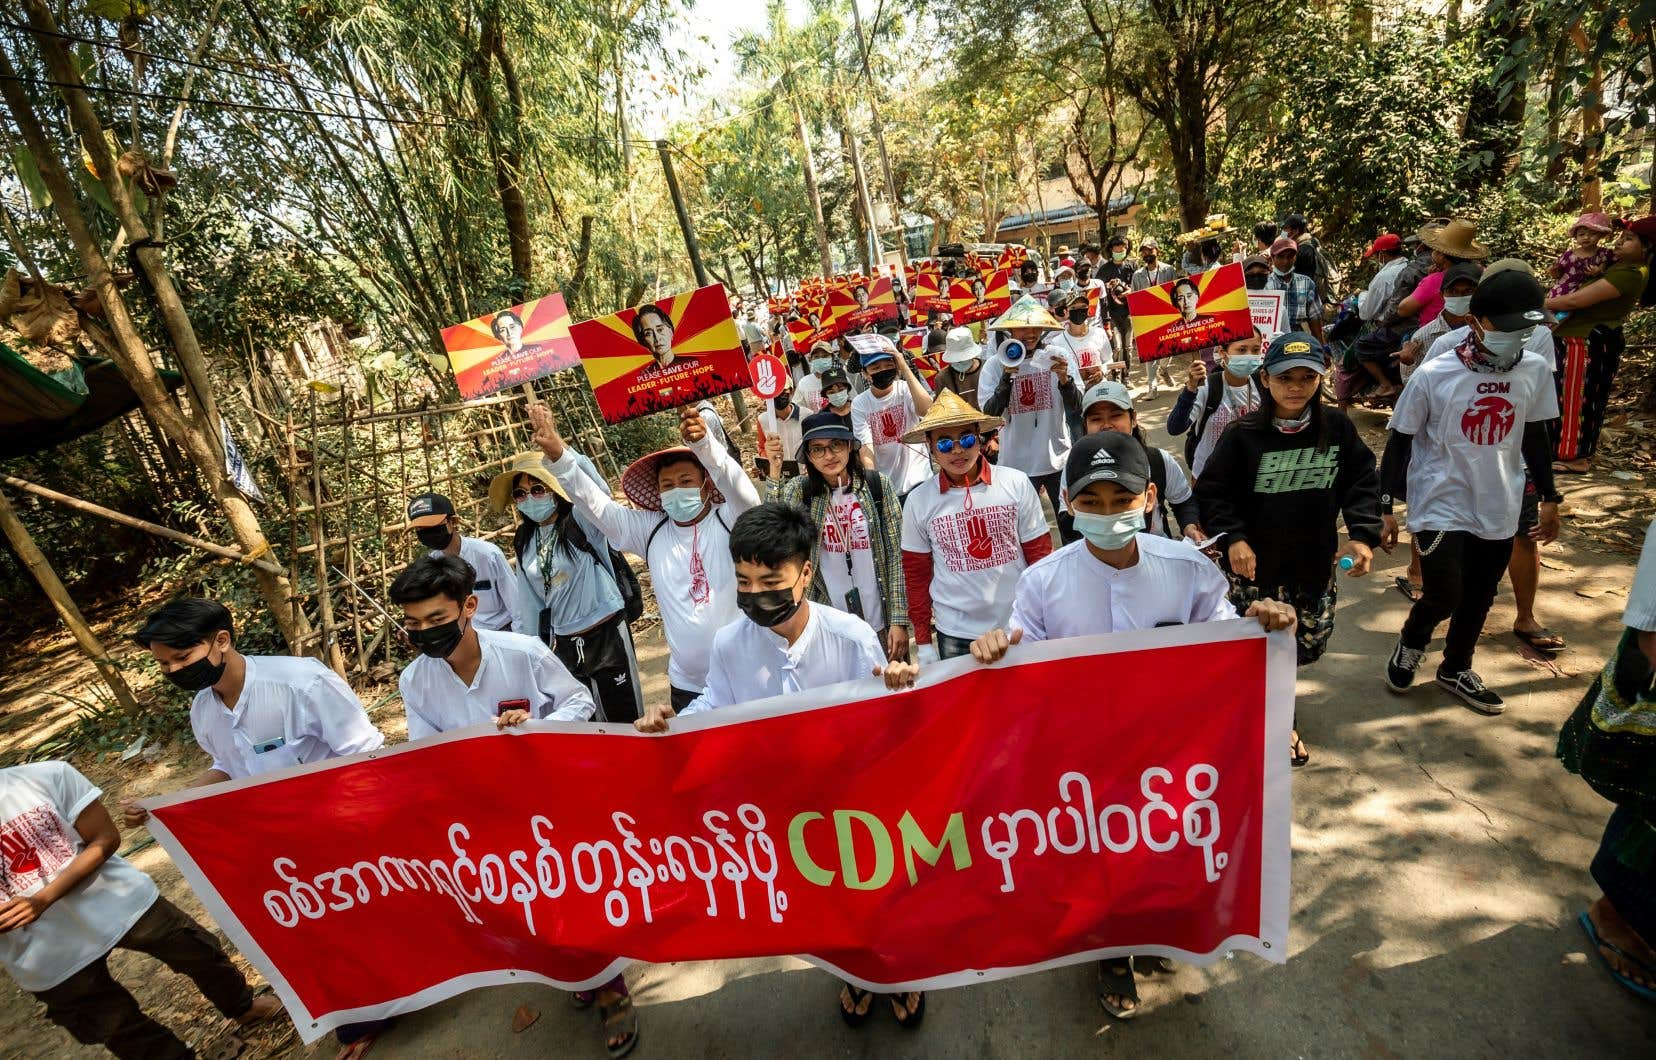 Les manifestants ont pu entrer en contact avec des internautes de Hong Kong ou de Thaïlande, qui leur ont donné des conseils de sécurité pendant les manifestations. Cela aurait été impossible il y a dix ans.